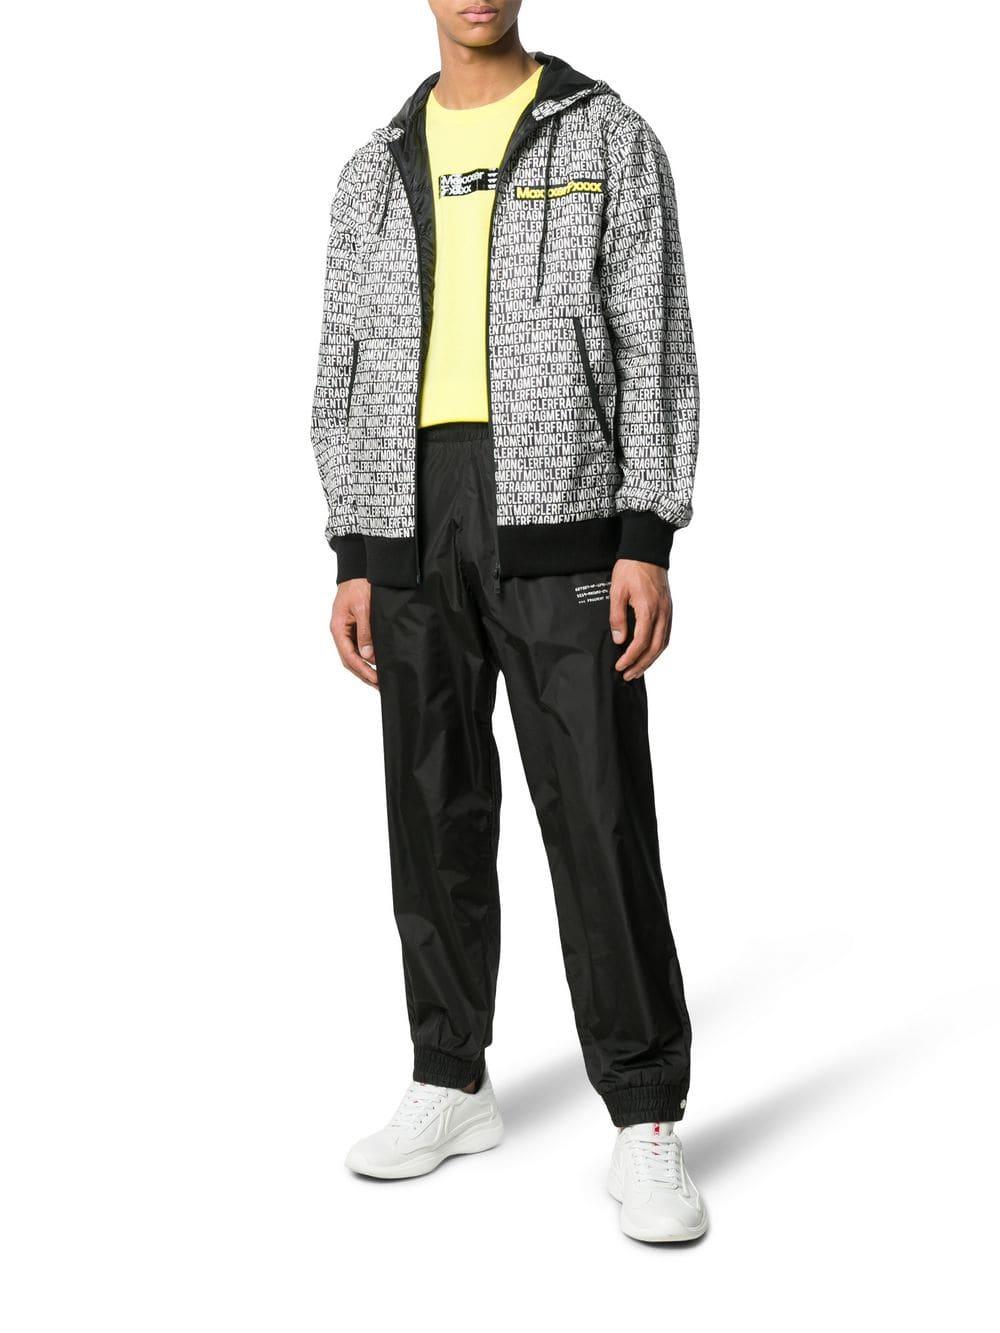 Rap nylon jacket by Moncler Genius x Fragment Design MONCLER GENIUS      RAP 41300-00-539KQ999